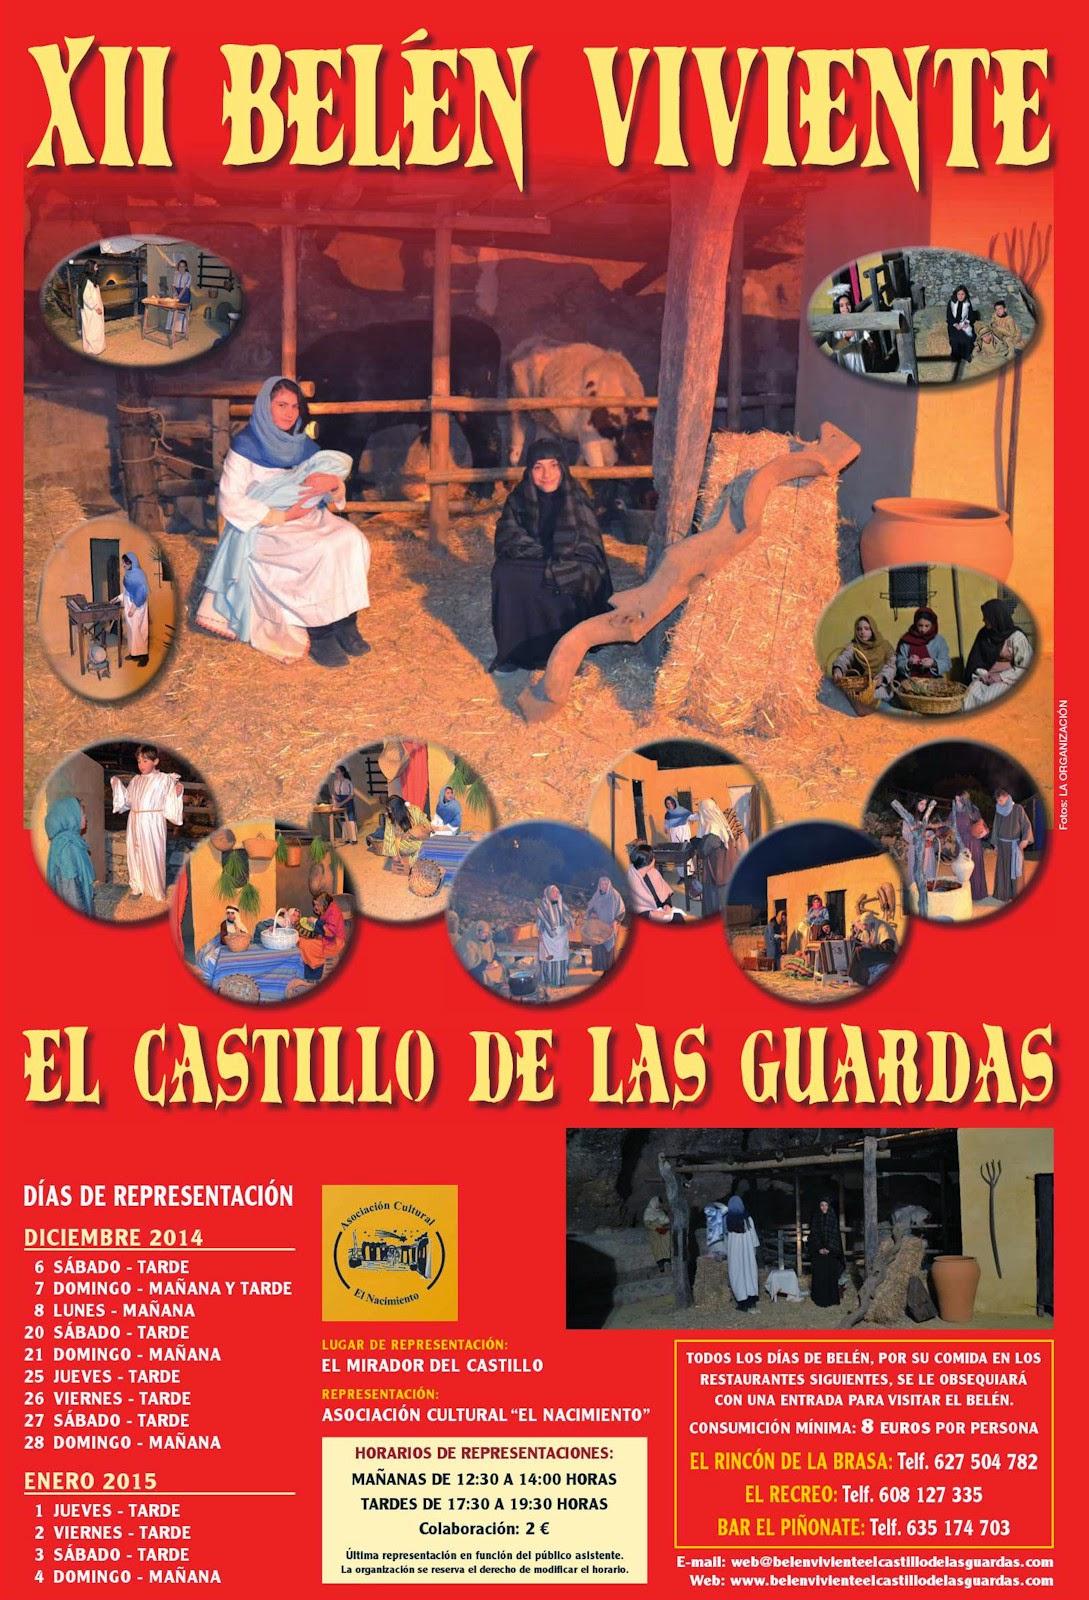 Burguillos viajero ii 1855 el castillo de las guardas - Entradas baratas castillo de las guardas ...